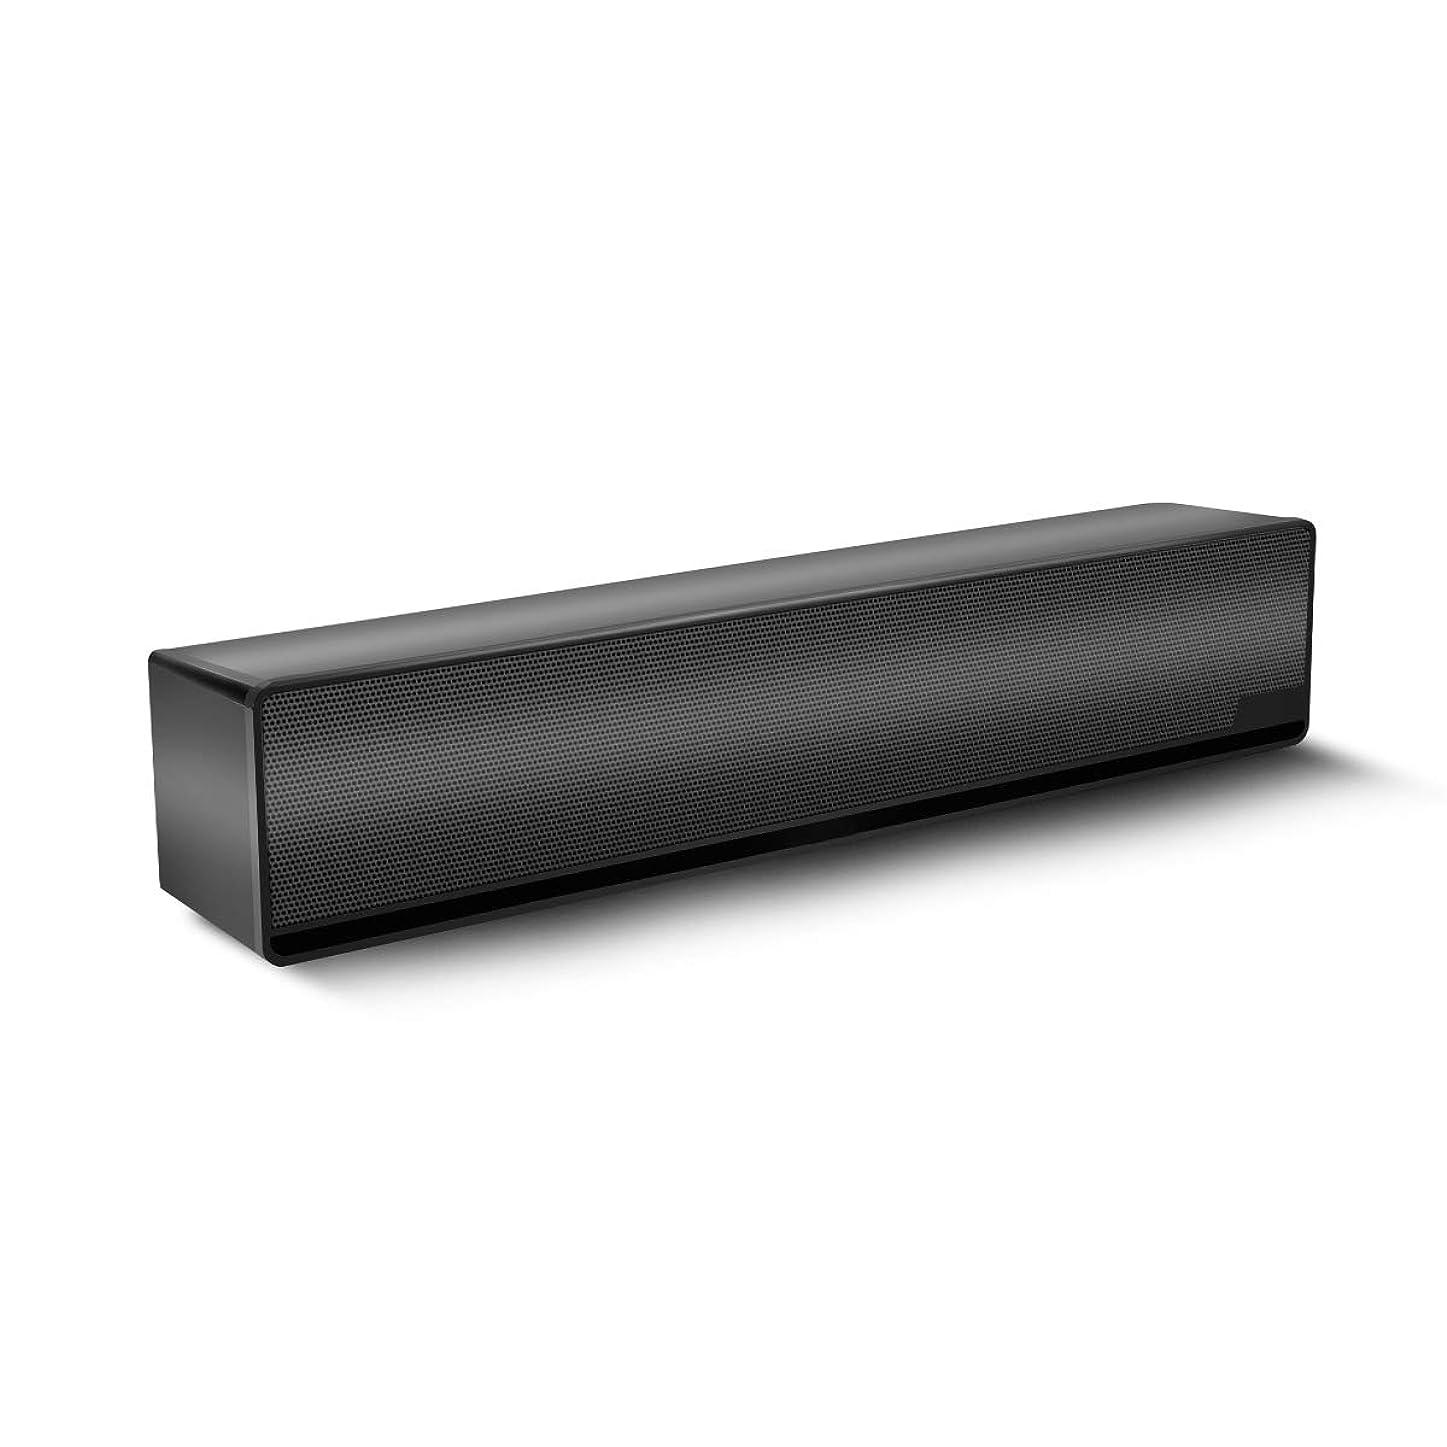 ビリーヤギ障害くしゃみPCスピーカー CAMAC USBスピーカー コンパクト ダブルドライバユニット 高音質 パソコン テレビ ゲーム機などに対応 2台1組 (ブラック)